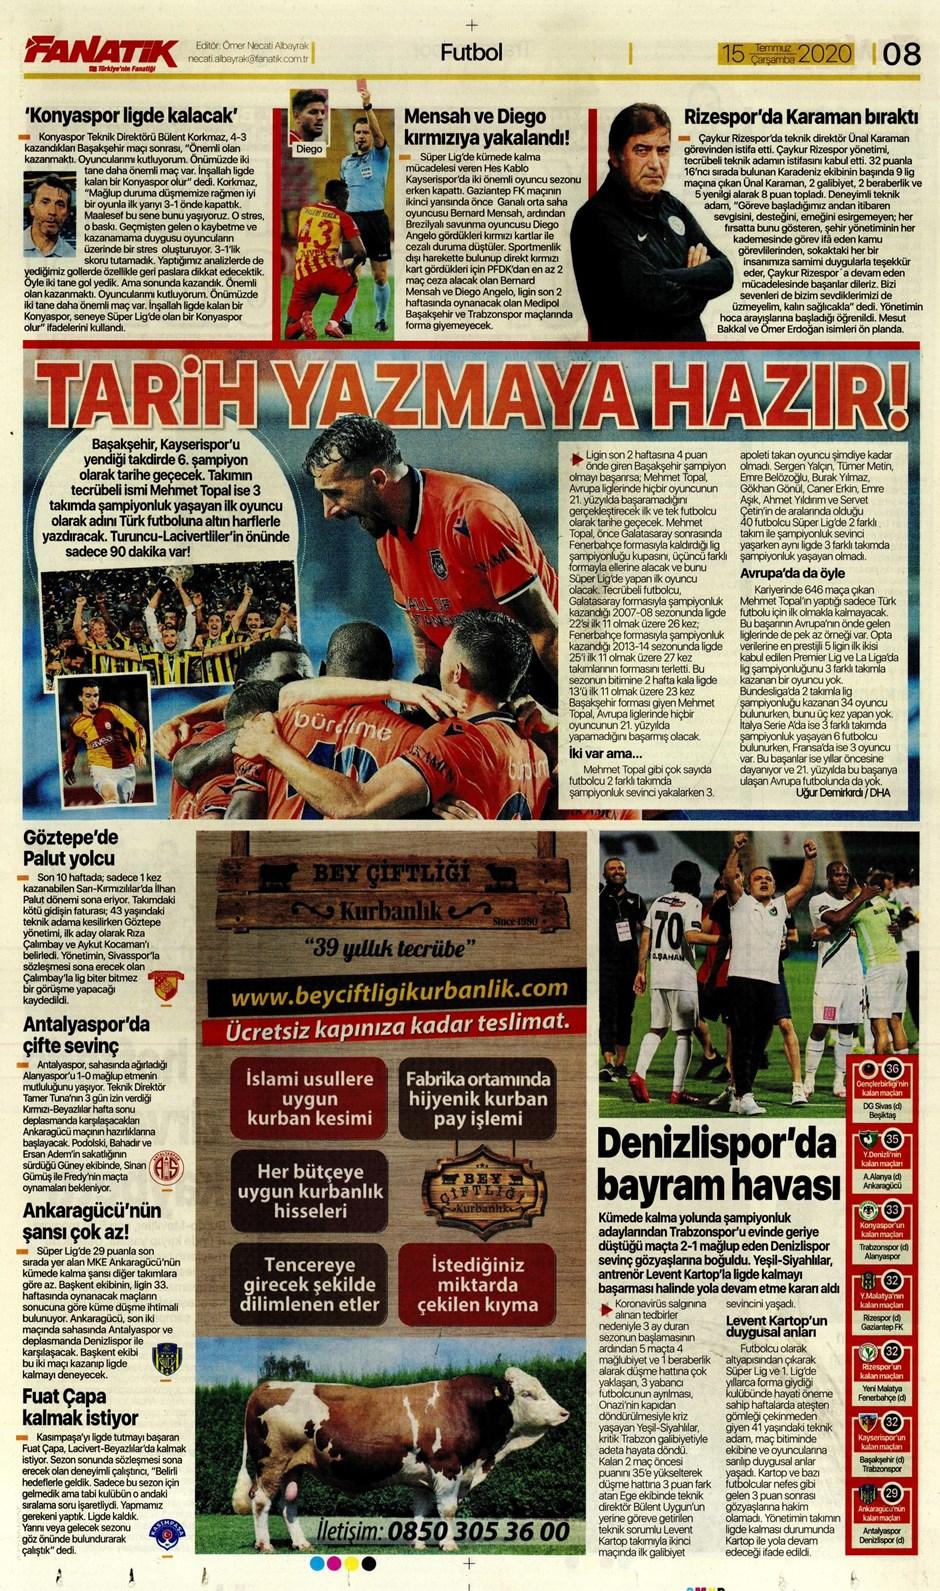 15 Temmuz 2020 günün spor manşetleri! İşte sporda gazete başlıkları 6